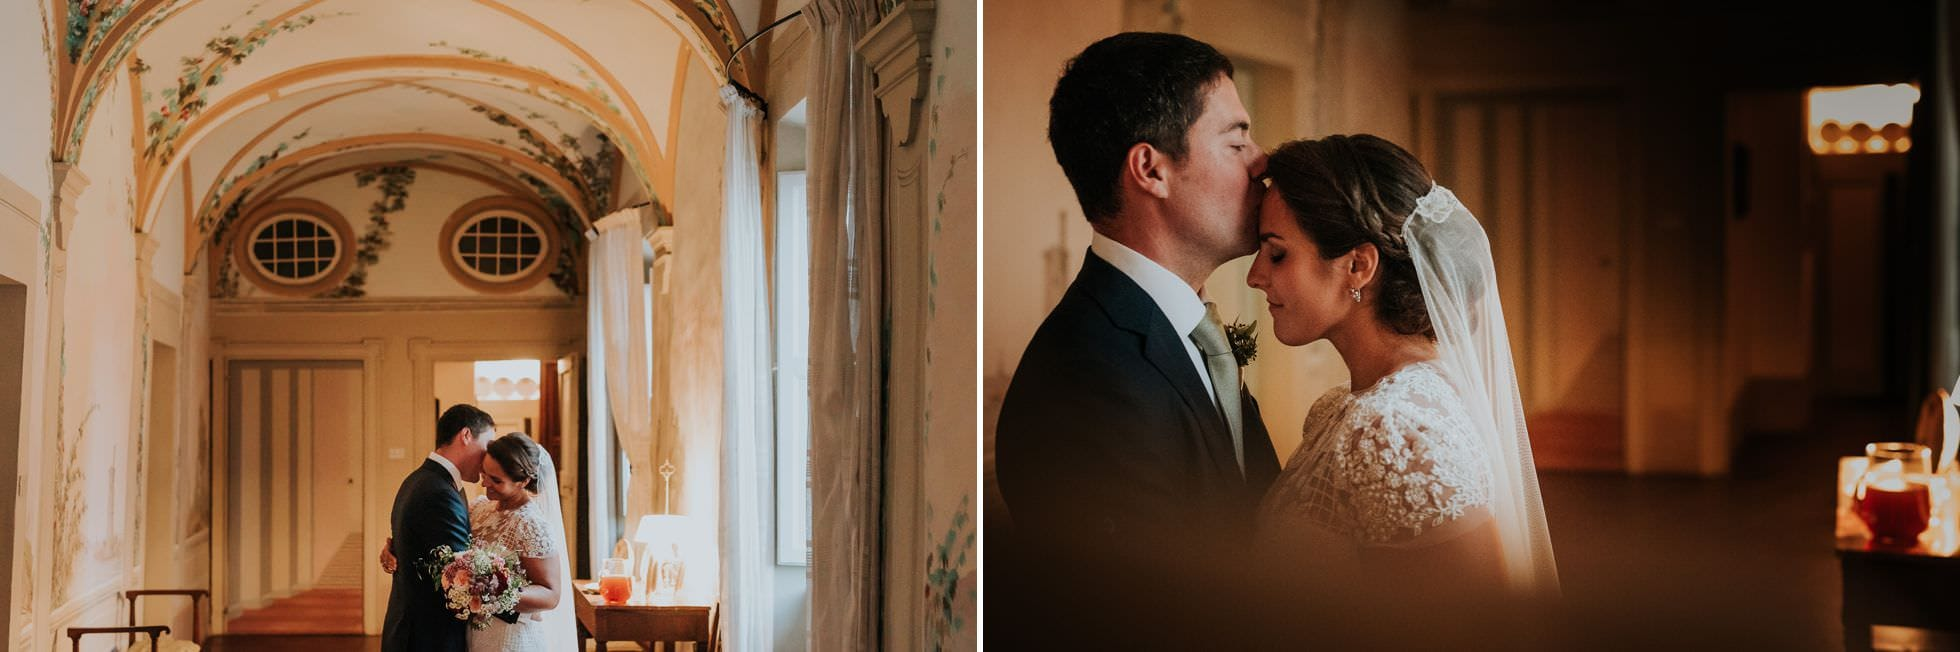 fotografo matrimonio castello di celsa